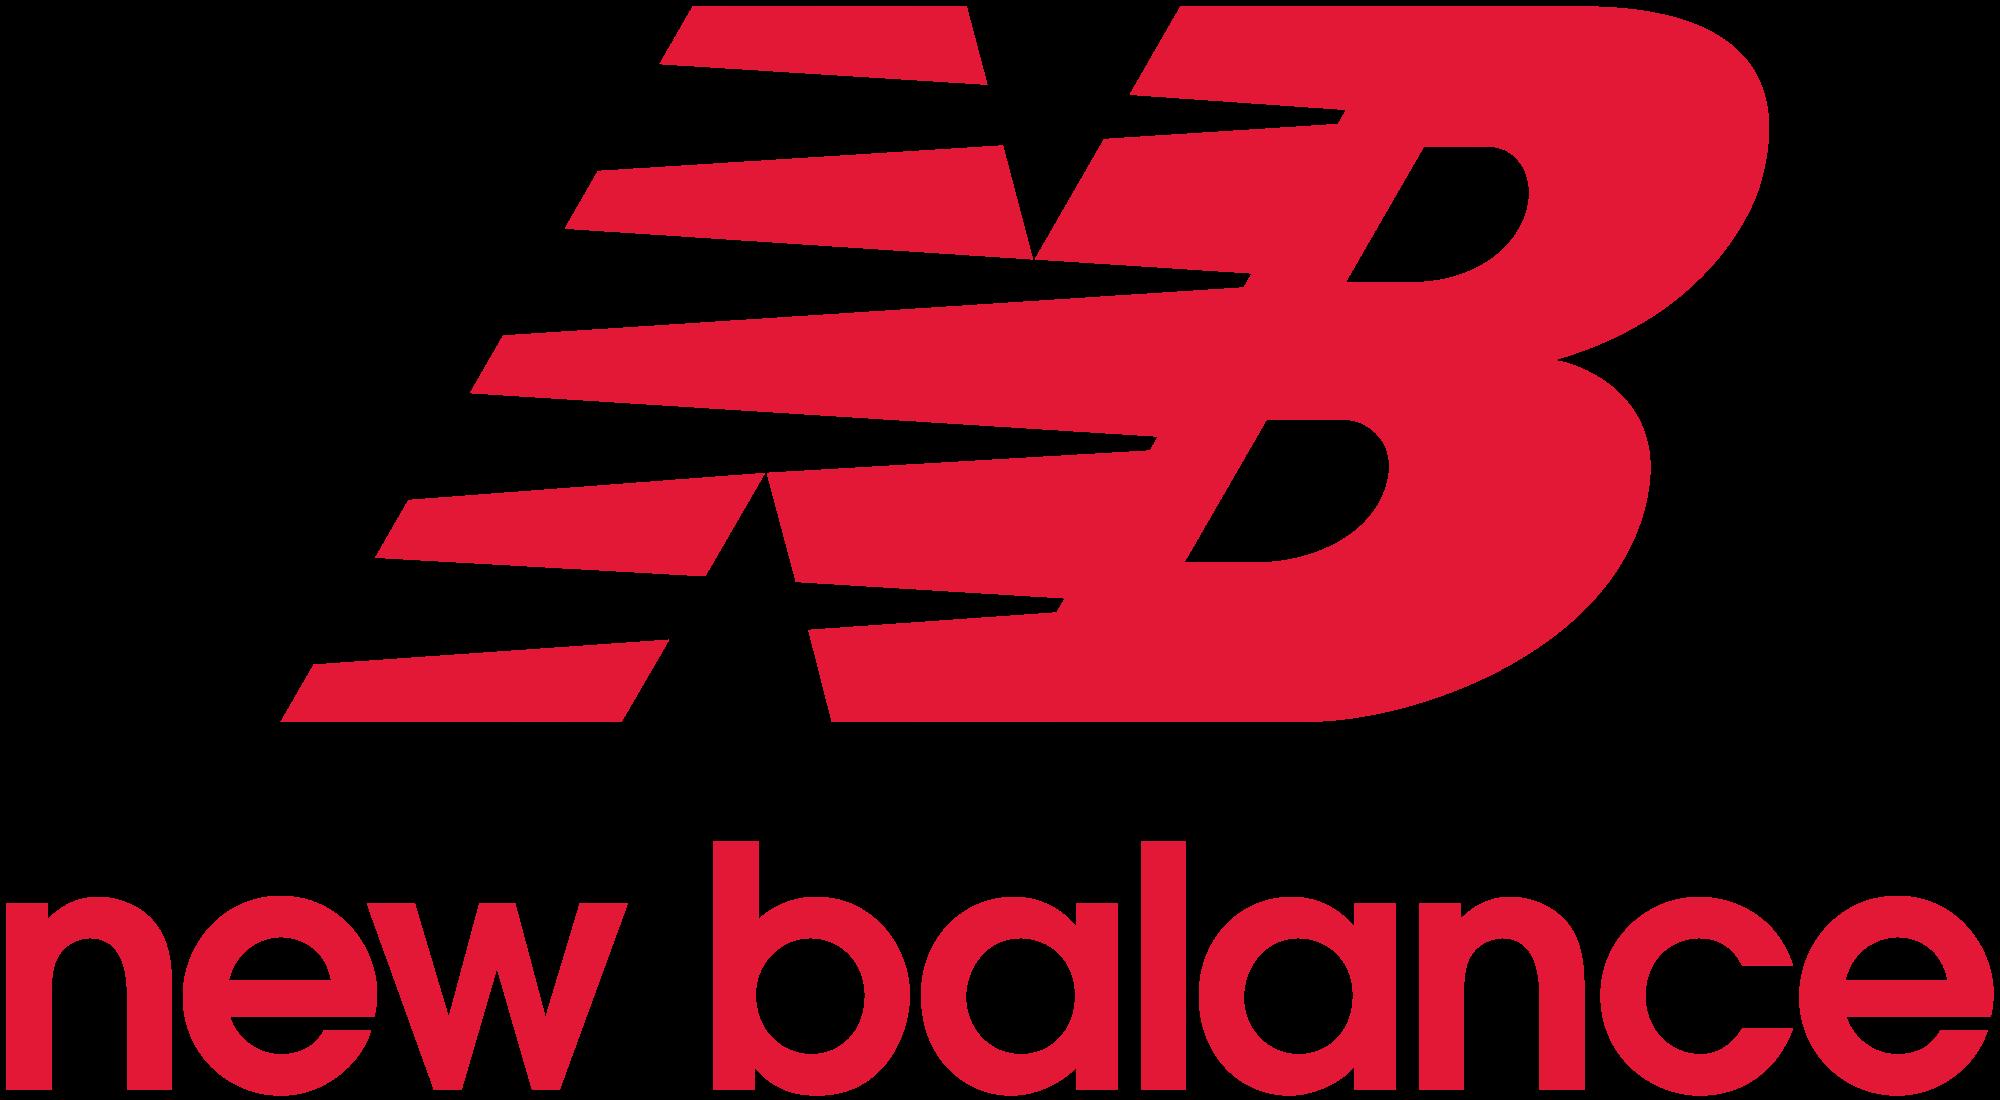 Image new balance logo